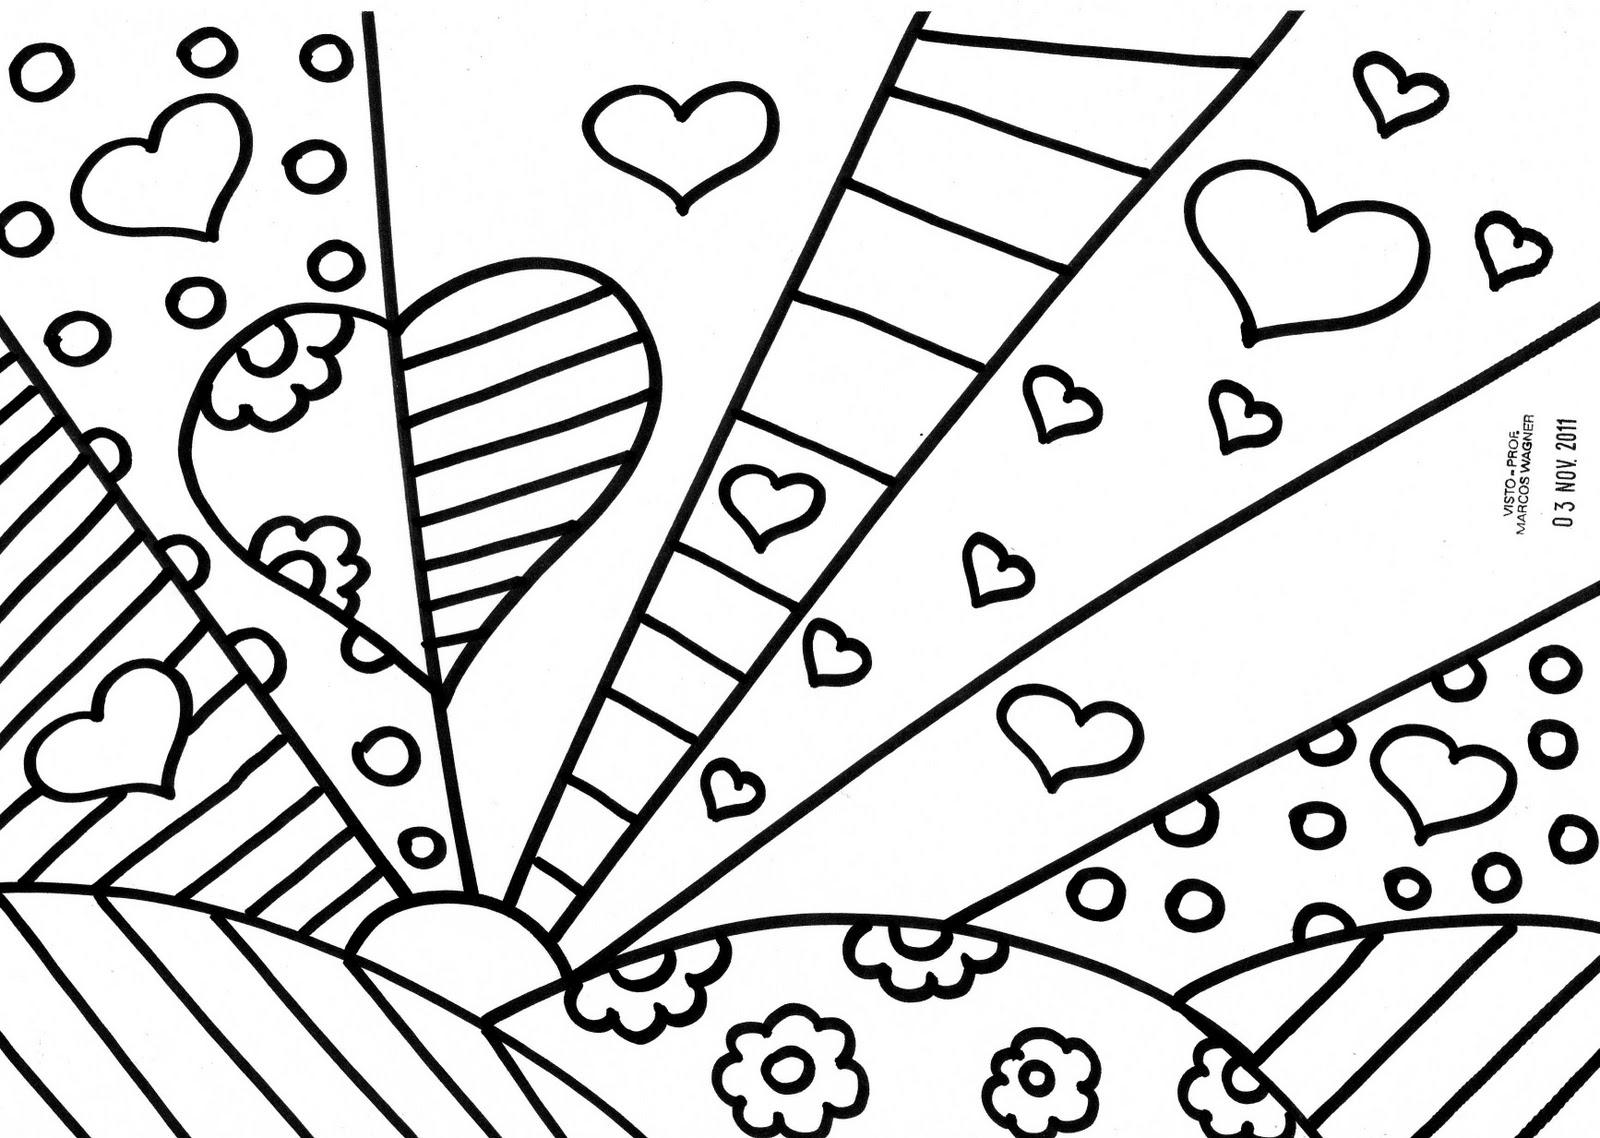 free pop art coloring pages - a arte diz o indiz vel exprime o inexprim vel traduz o